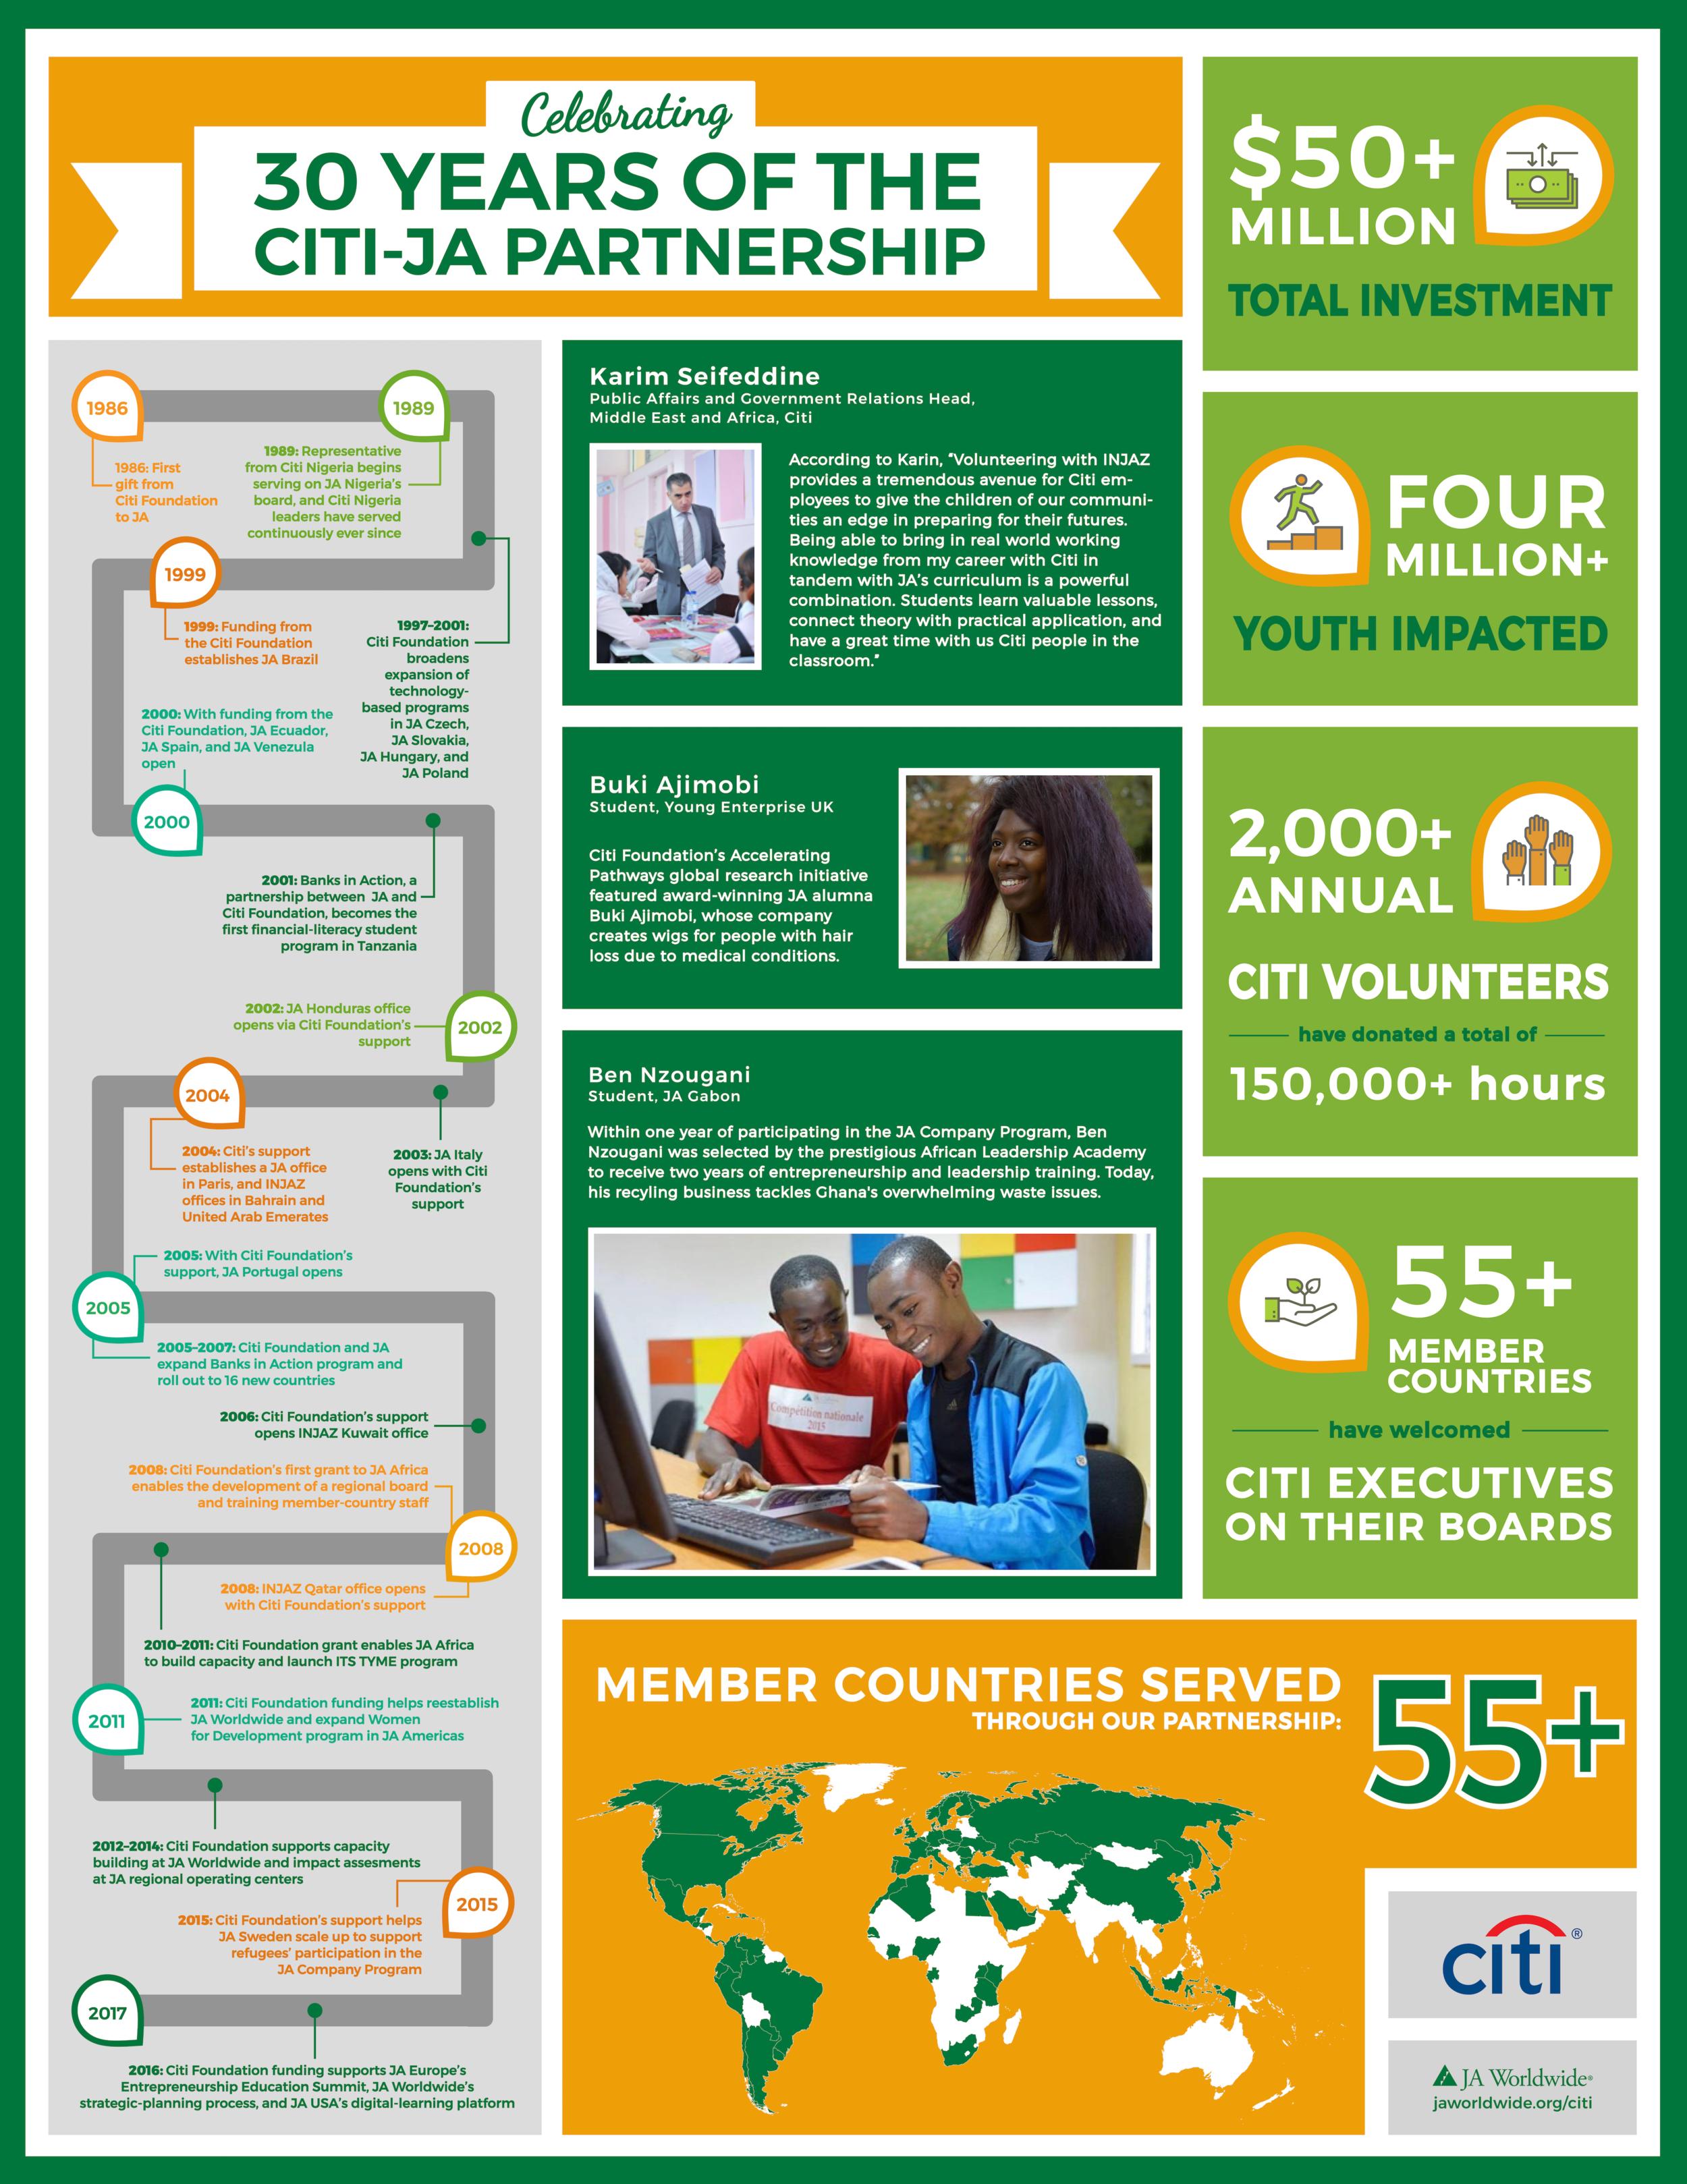 Citi-JA 30 years-infographic.png